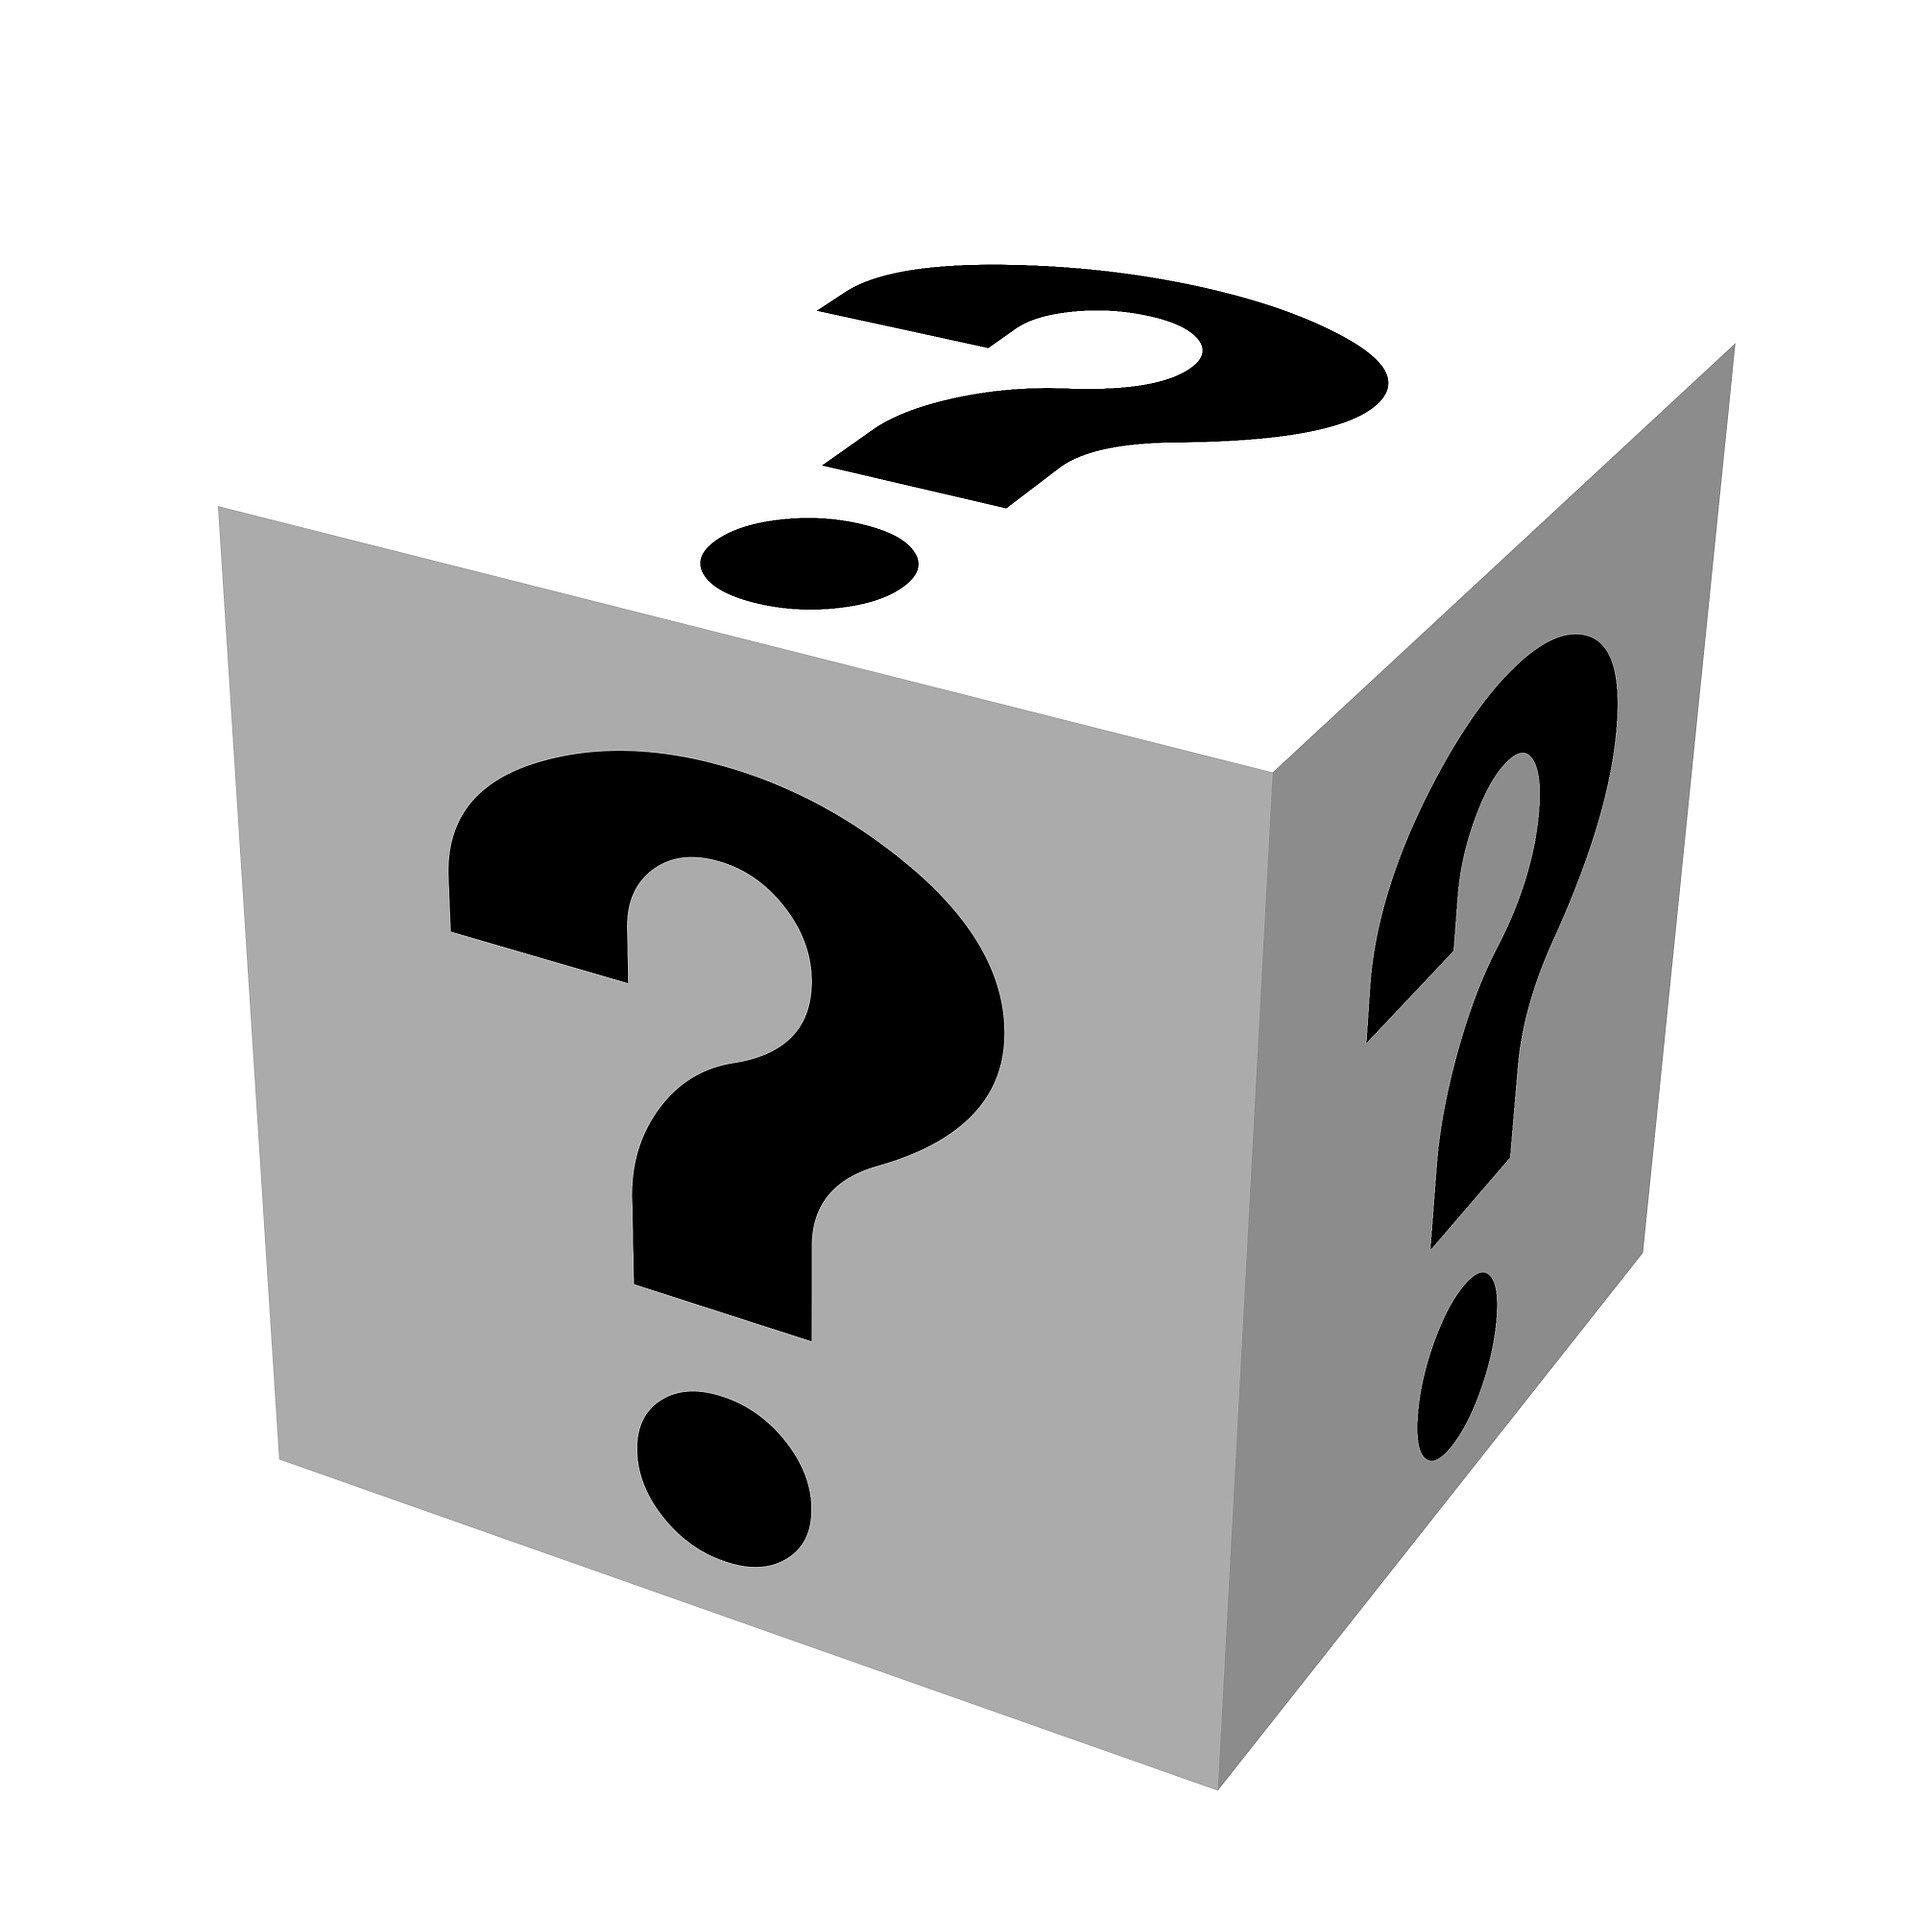 Одночасне оголошення відкритих торгів на один предмет закупівлі для прискорення проведення переговорної процедури